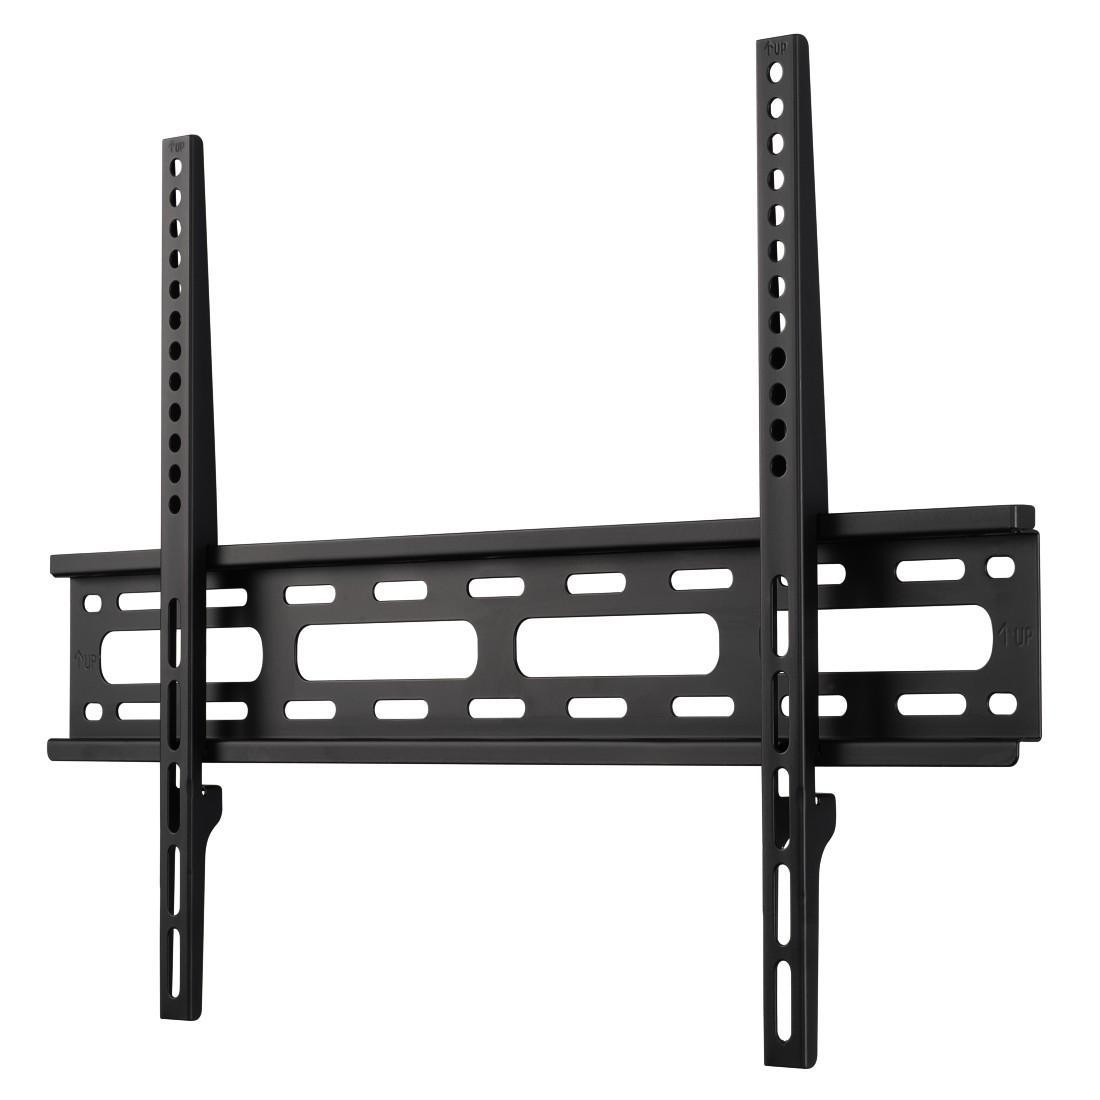 Стенна стойка за TV HAMA 108771, Фиксирана, 32-75, 35 кг, Черна